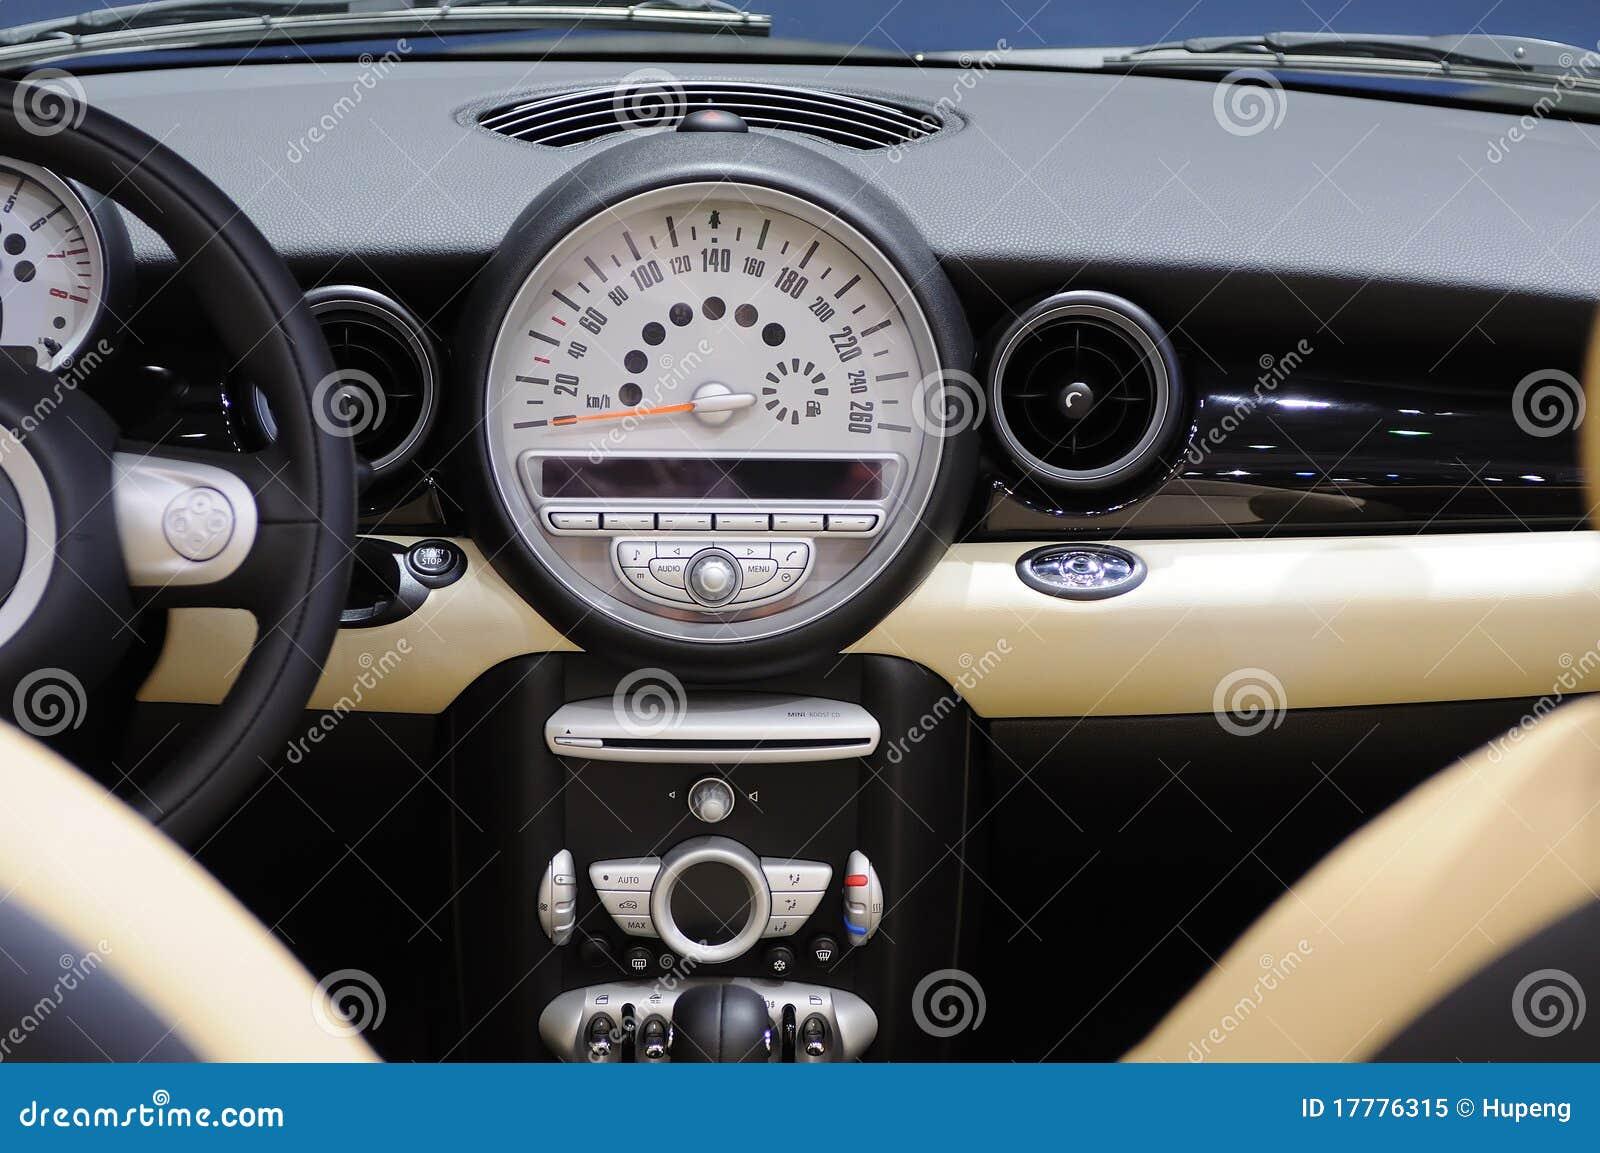 Mini cooper s Car interior stock image. Image of airbag - 17776315